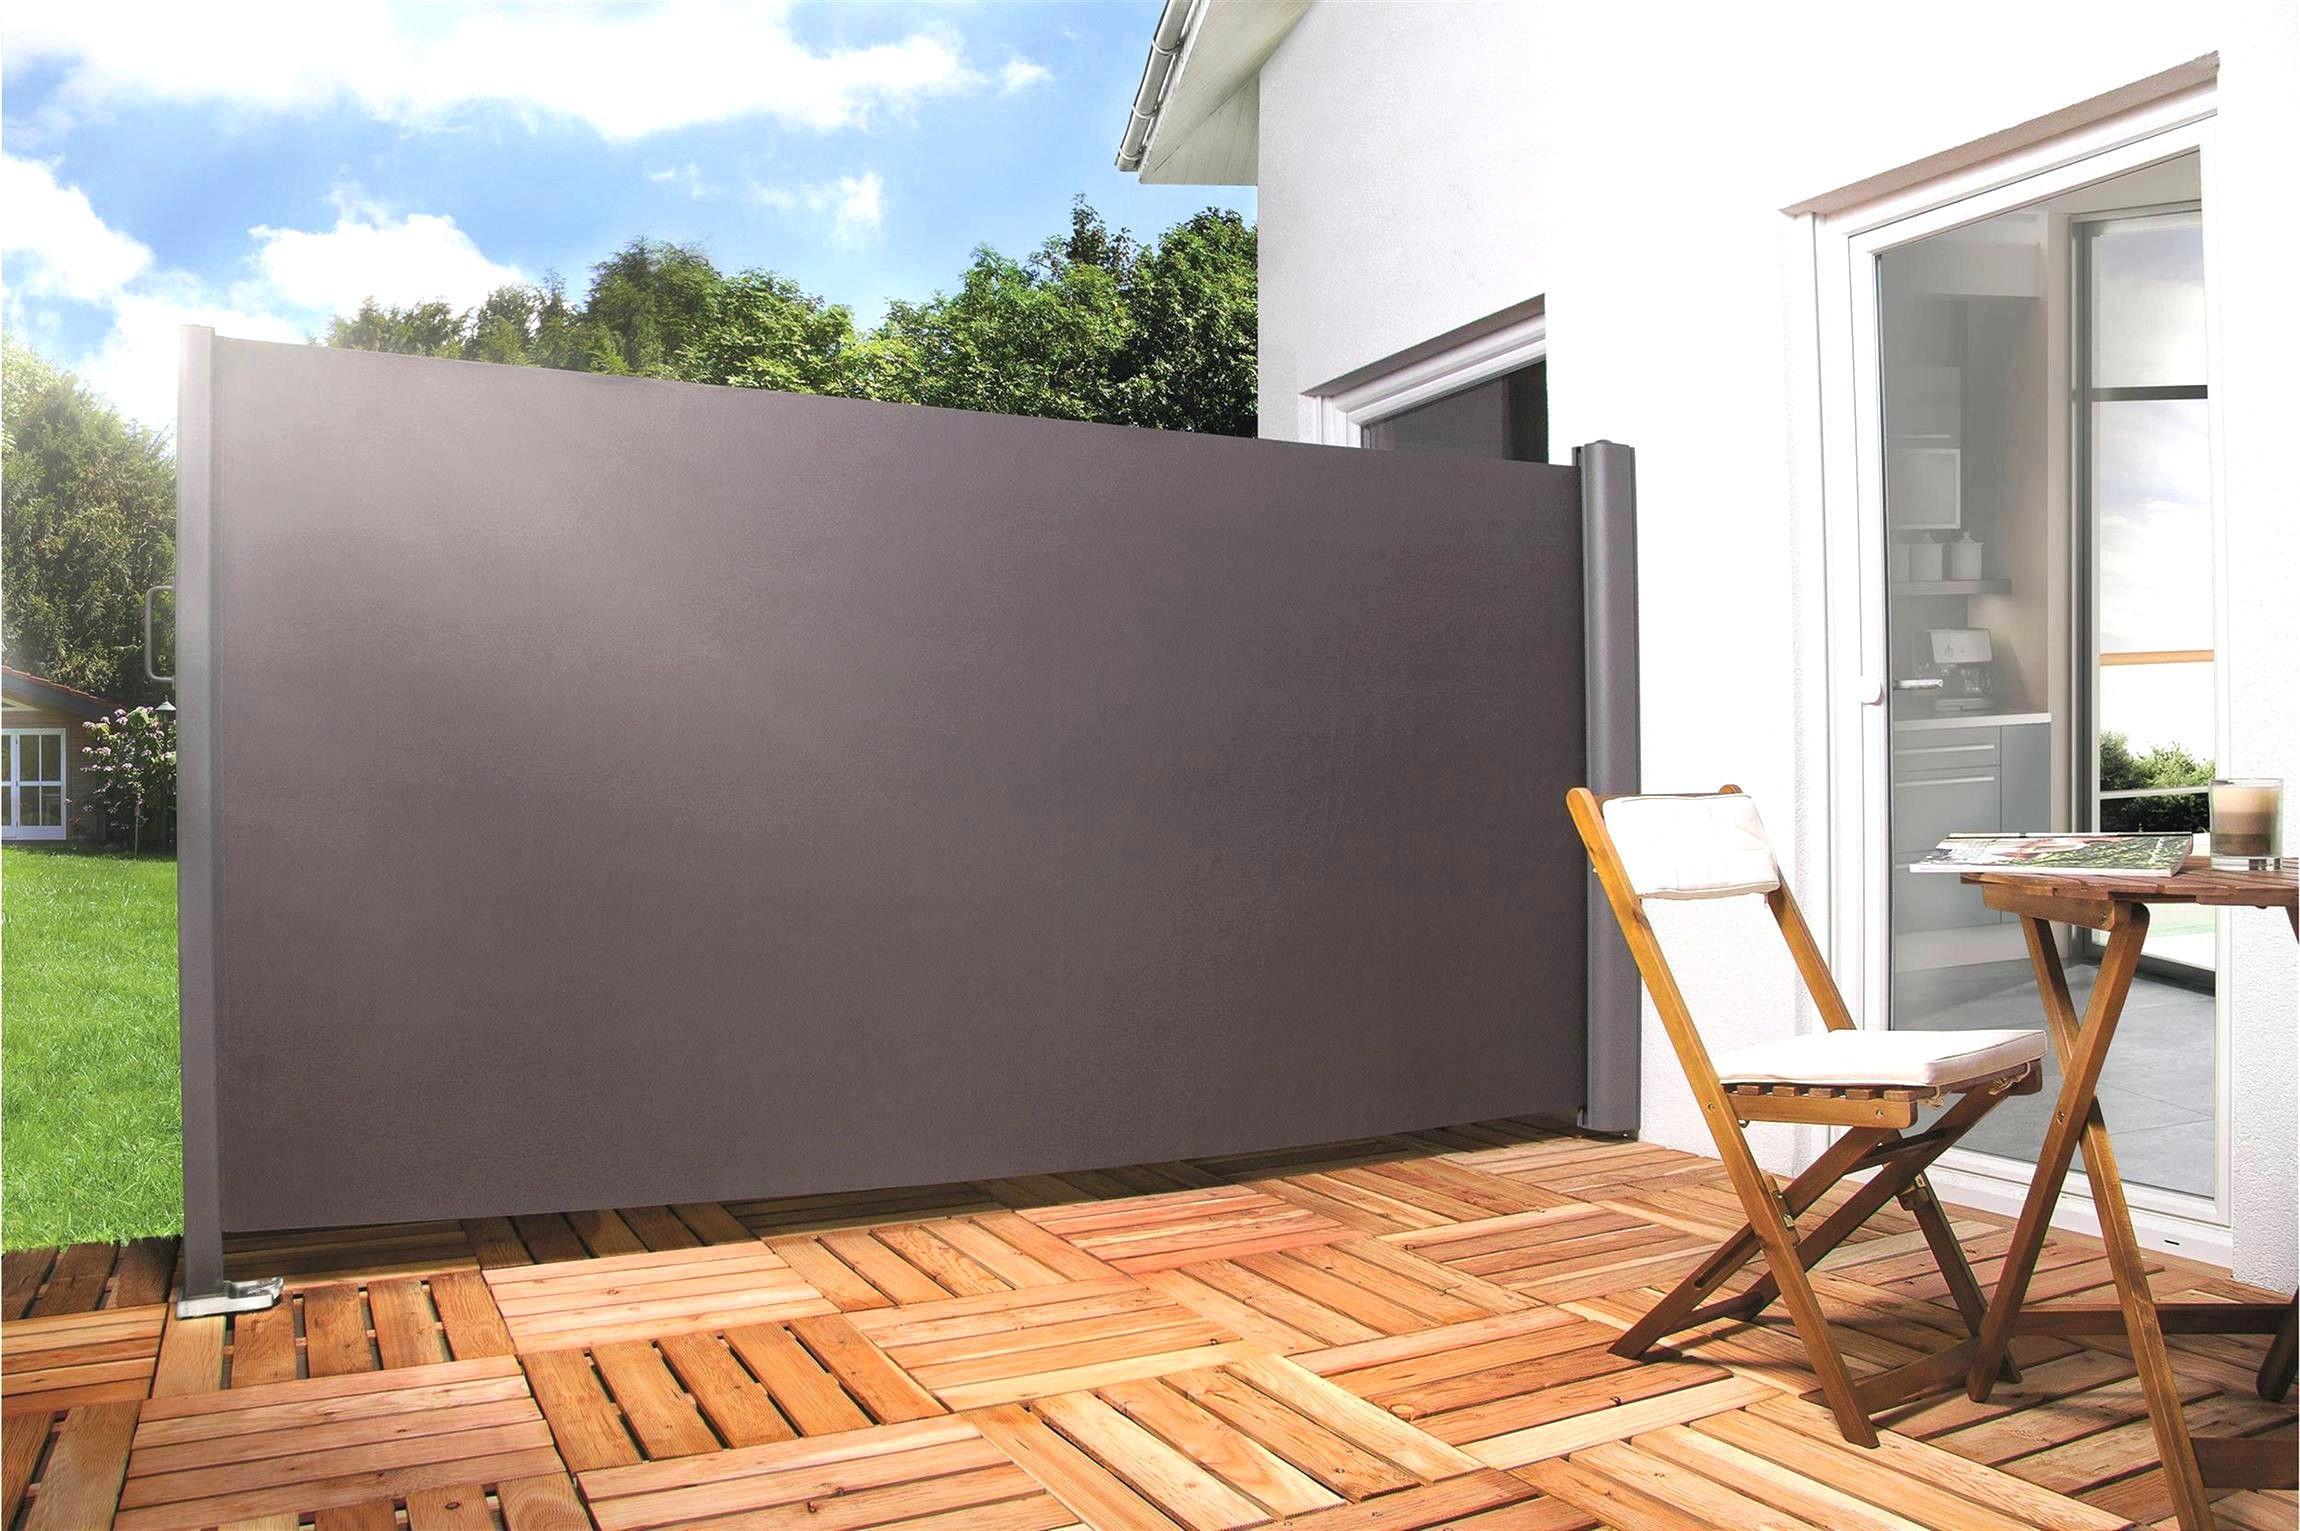 Frisch 45 Zum Sichtschutz Holz Bauhaus Terrasse Jardin Brise Vue Toile Terrasse